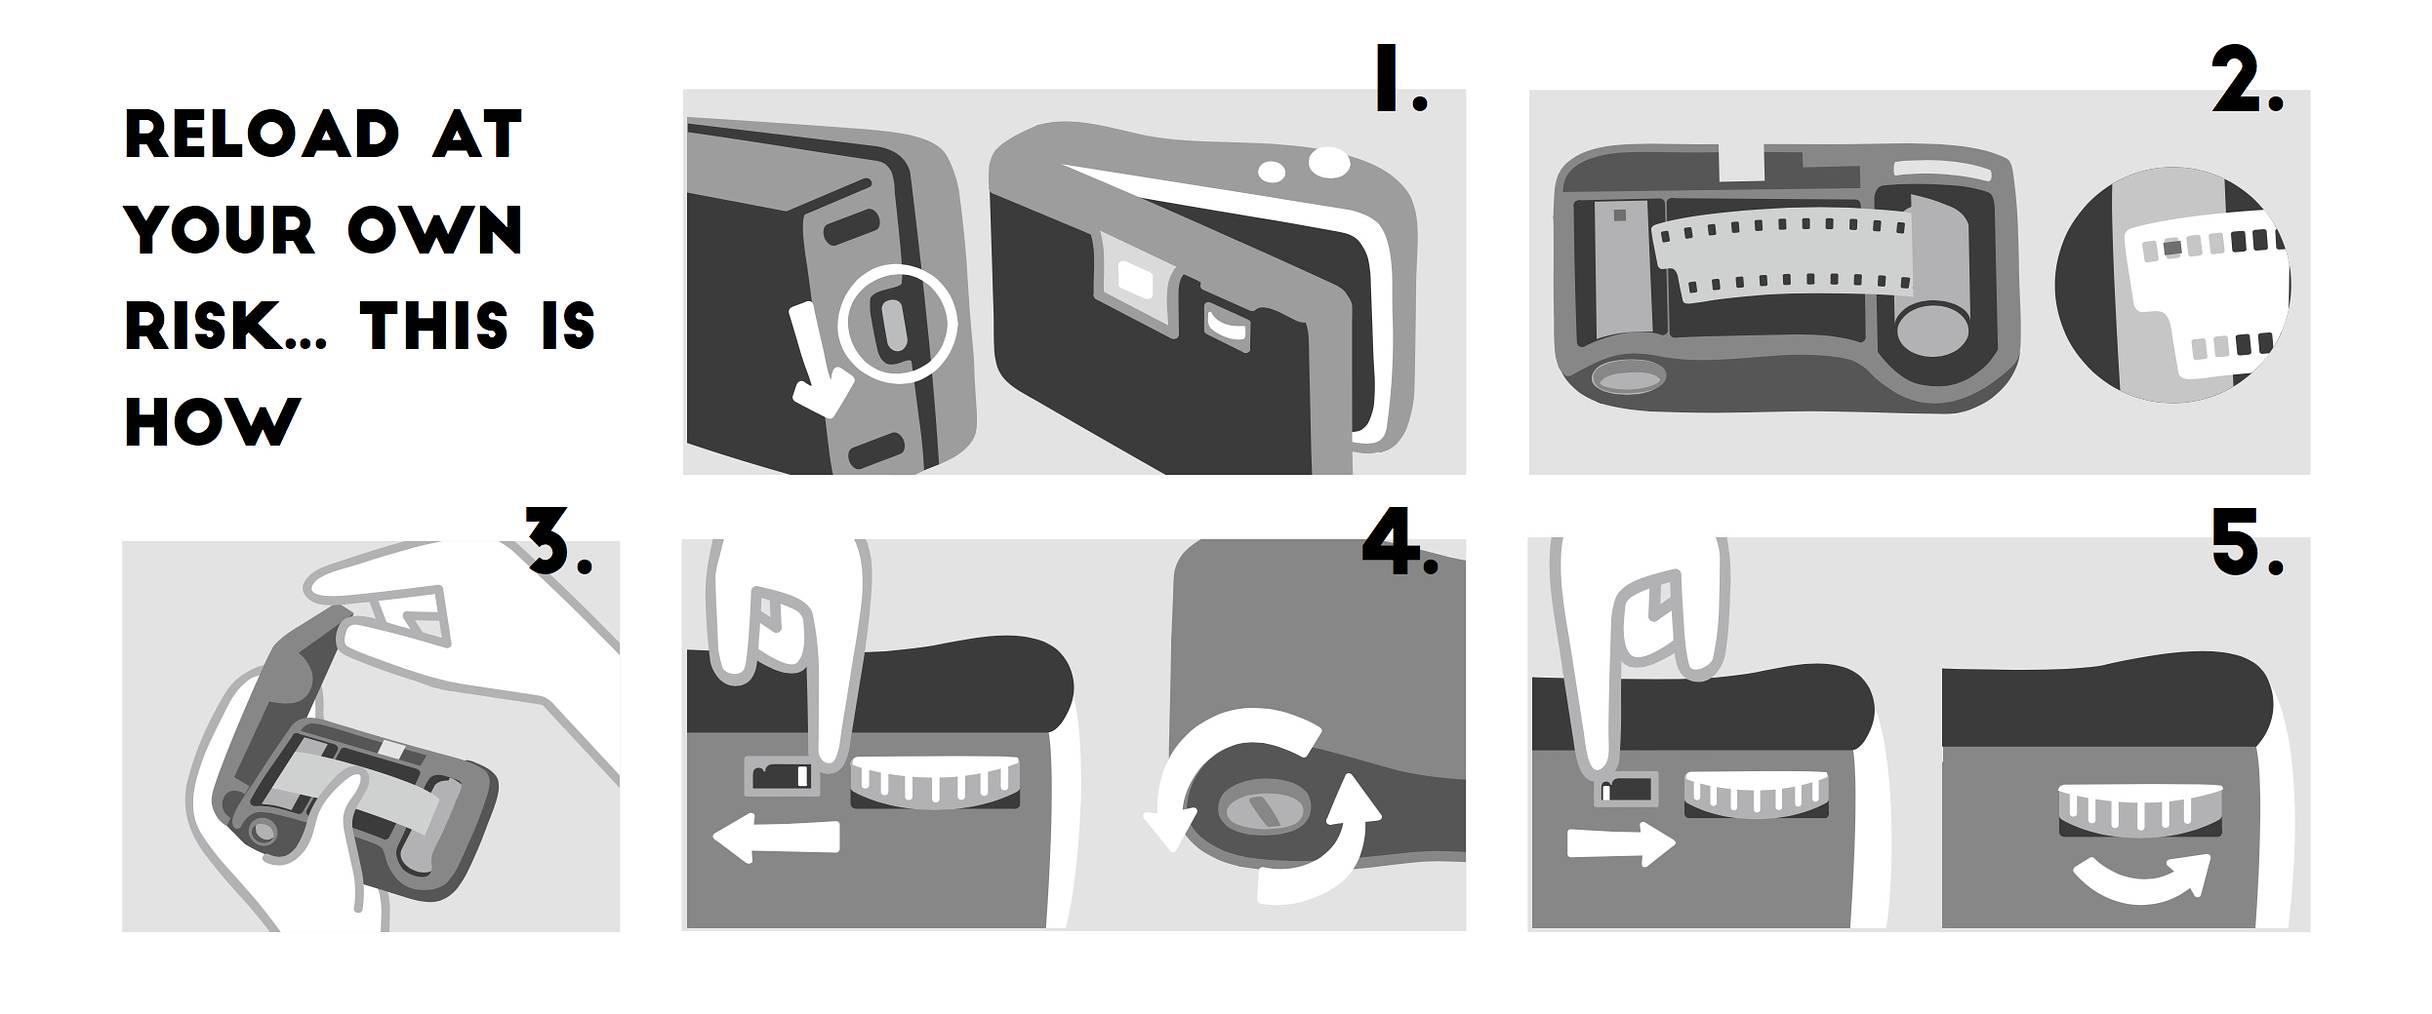 「Simple Use Film Camera」フィルム入れ替え方法(※フィルム入れ替え後の撮影はお客様の自己責任となること、何卒ご了承ください。)